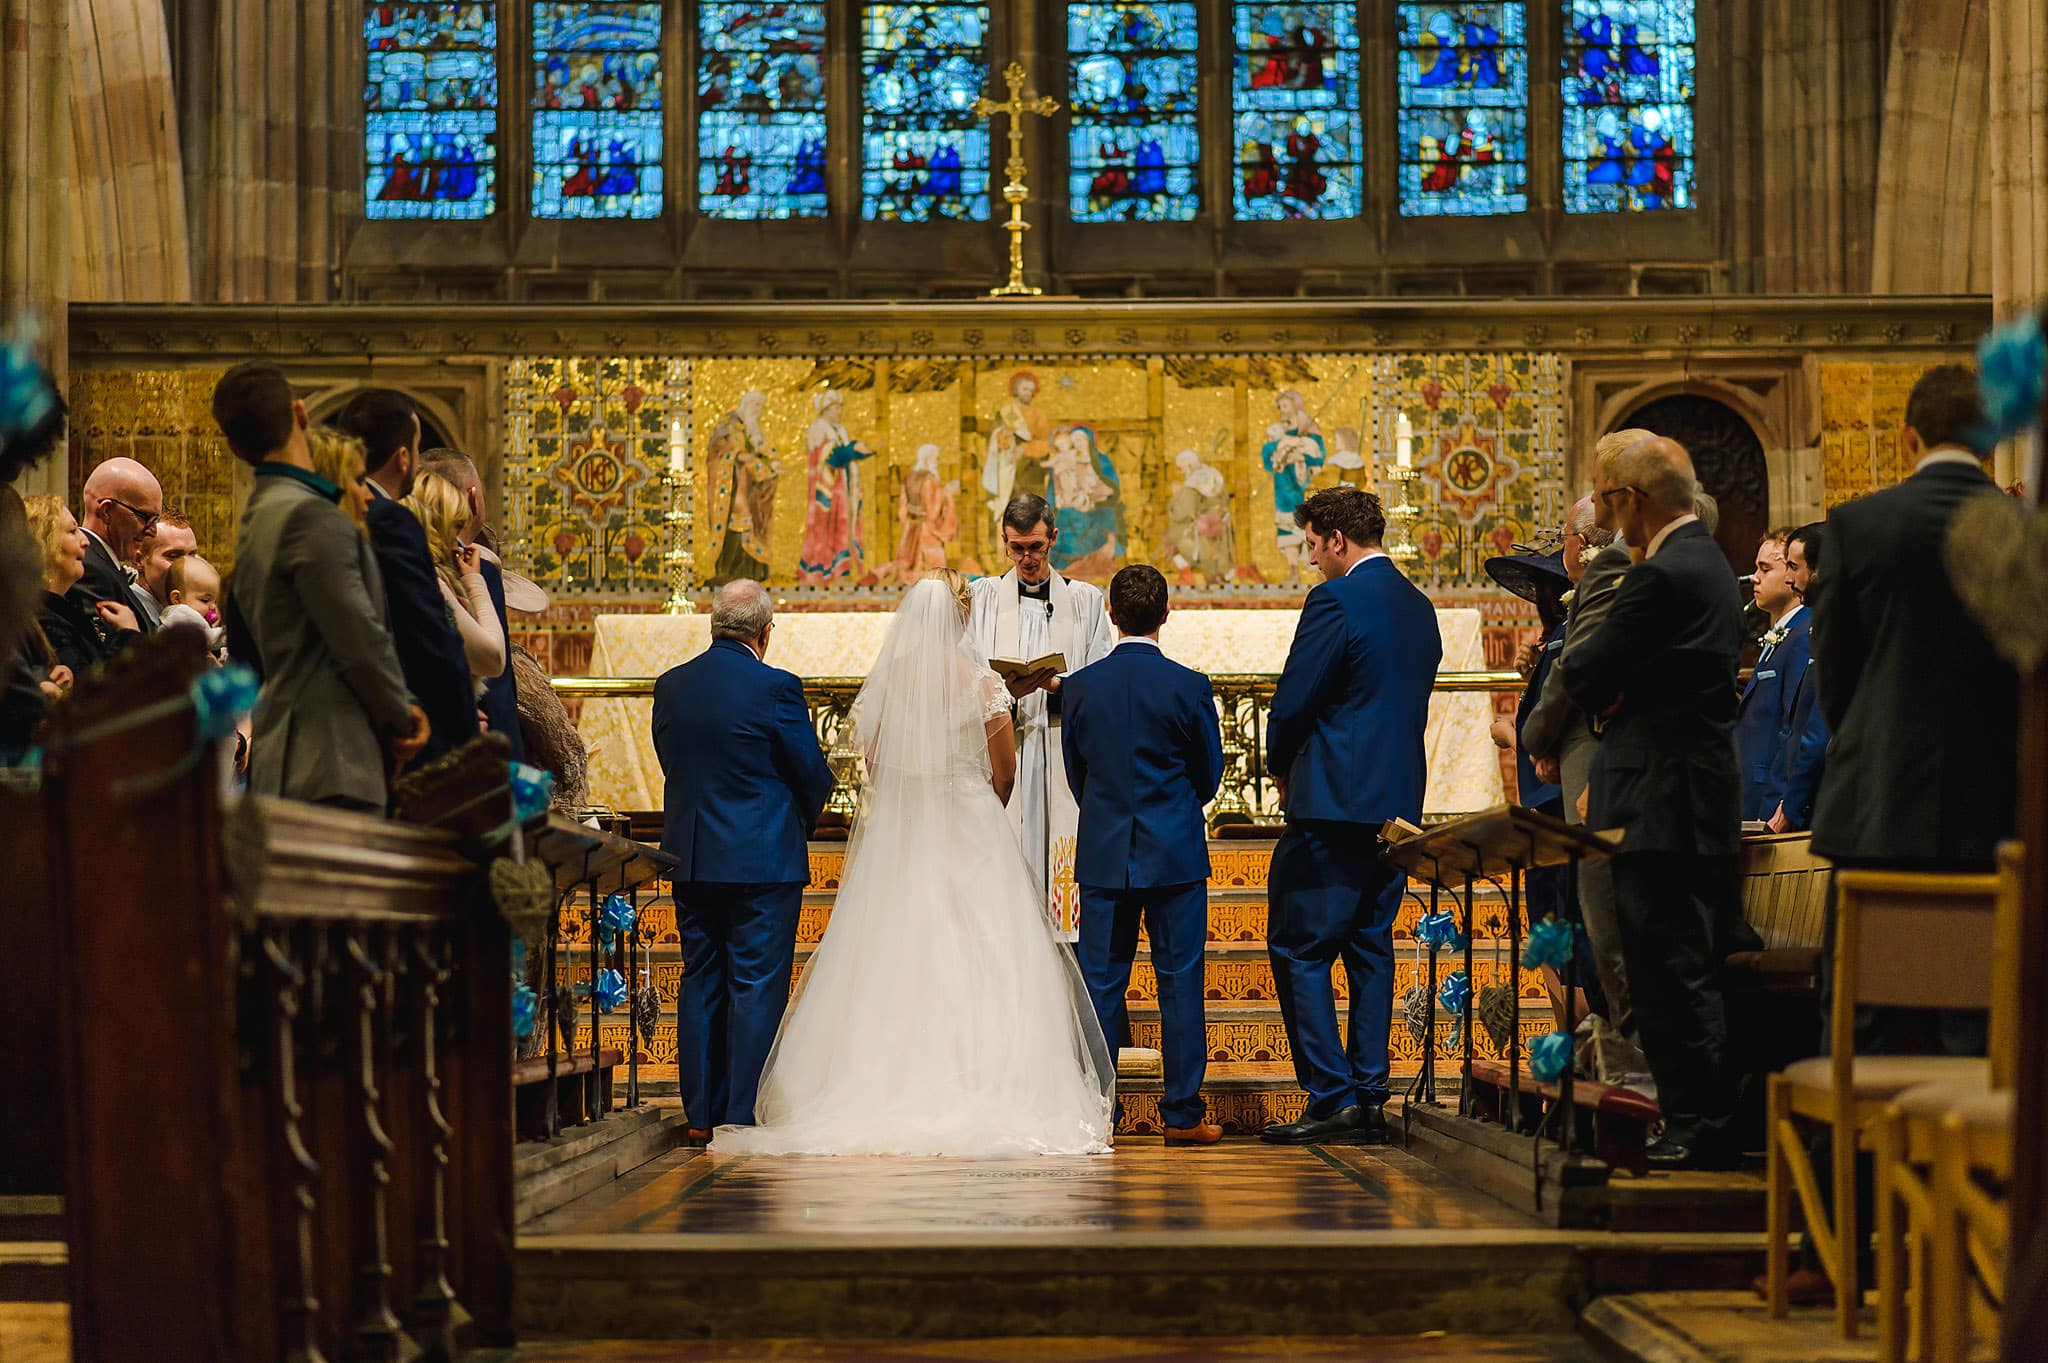 deer park hall wedding 40 - Deer Park Hall - Wedding Photography West Midlands